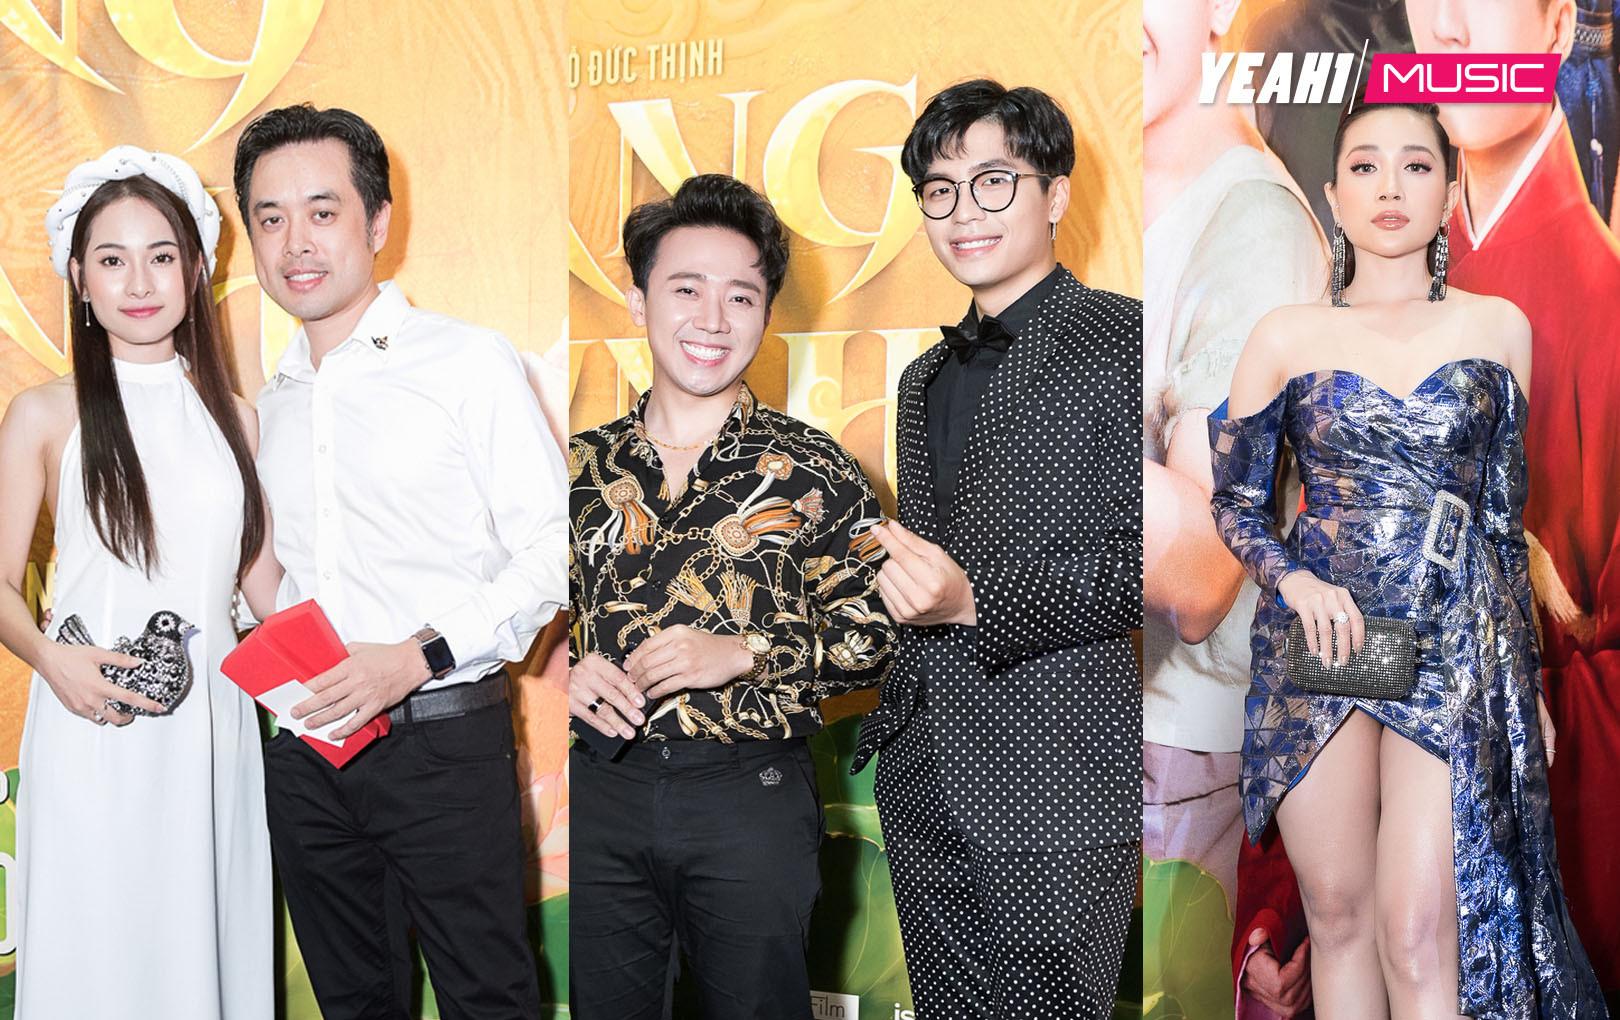 Dàn sao Việt nô nức đi ủng hộ phim Nhã Phương đóng, nhưng lại thiếu vắng nhân vật chính